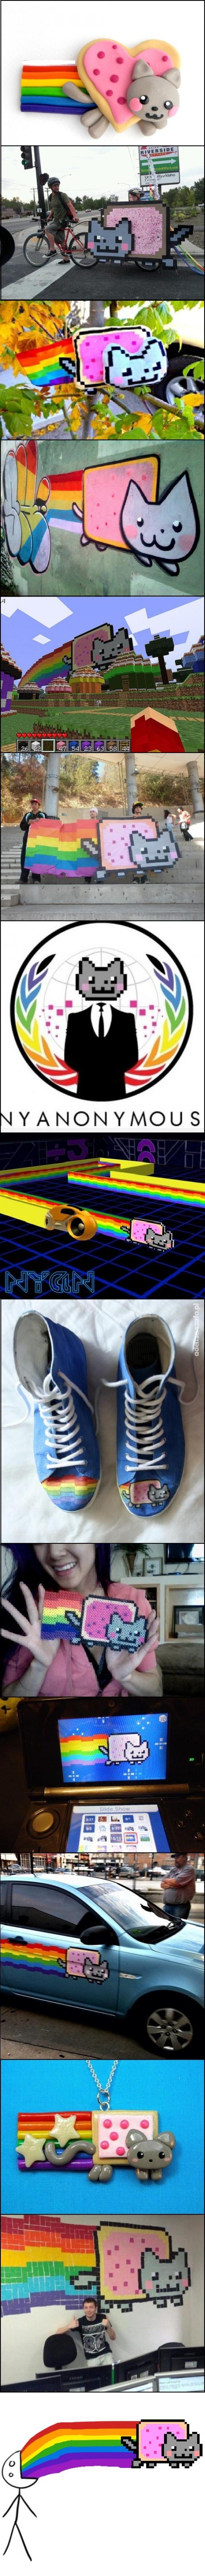 Puke_rainbows - El legado de Nyan-cat